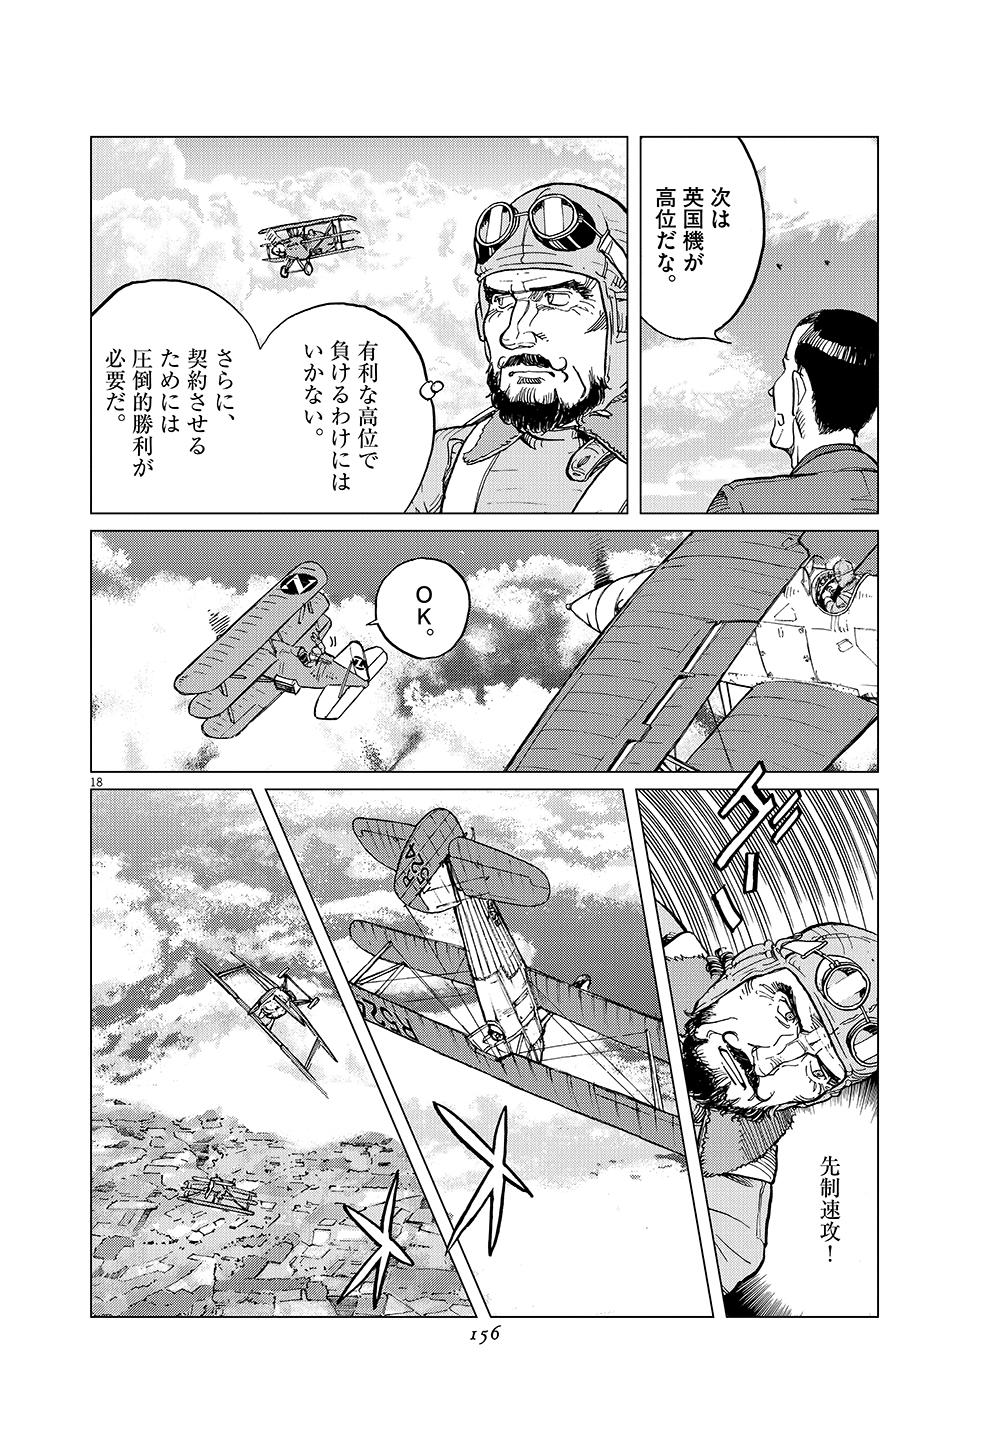 女流飛行士マリア・マンテガッツァの冒険 第十九話18ページ目画像